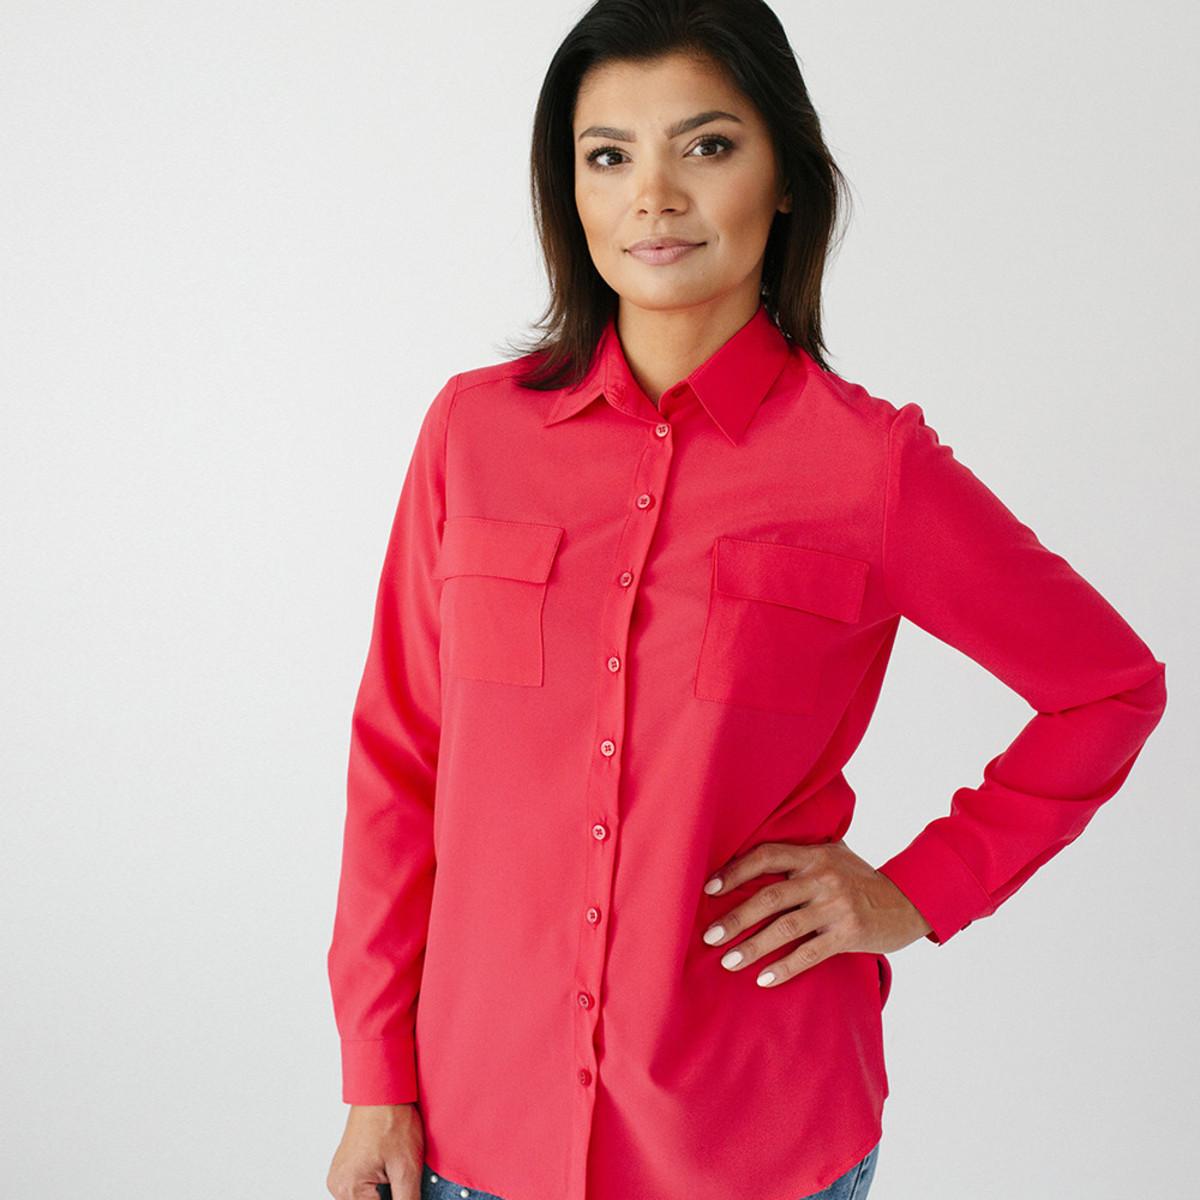 Dámská košile červená 9690 34 44ea0313b7